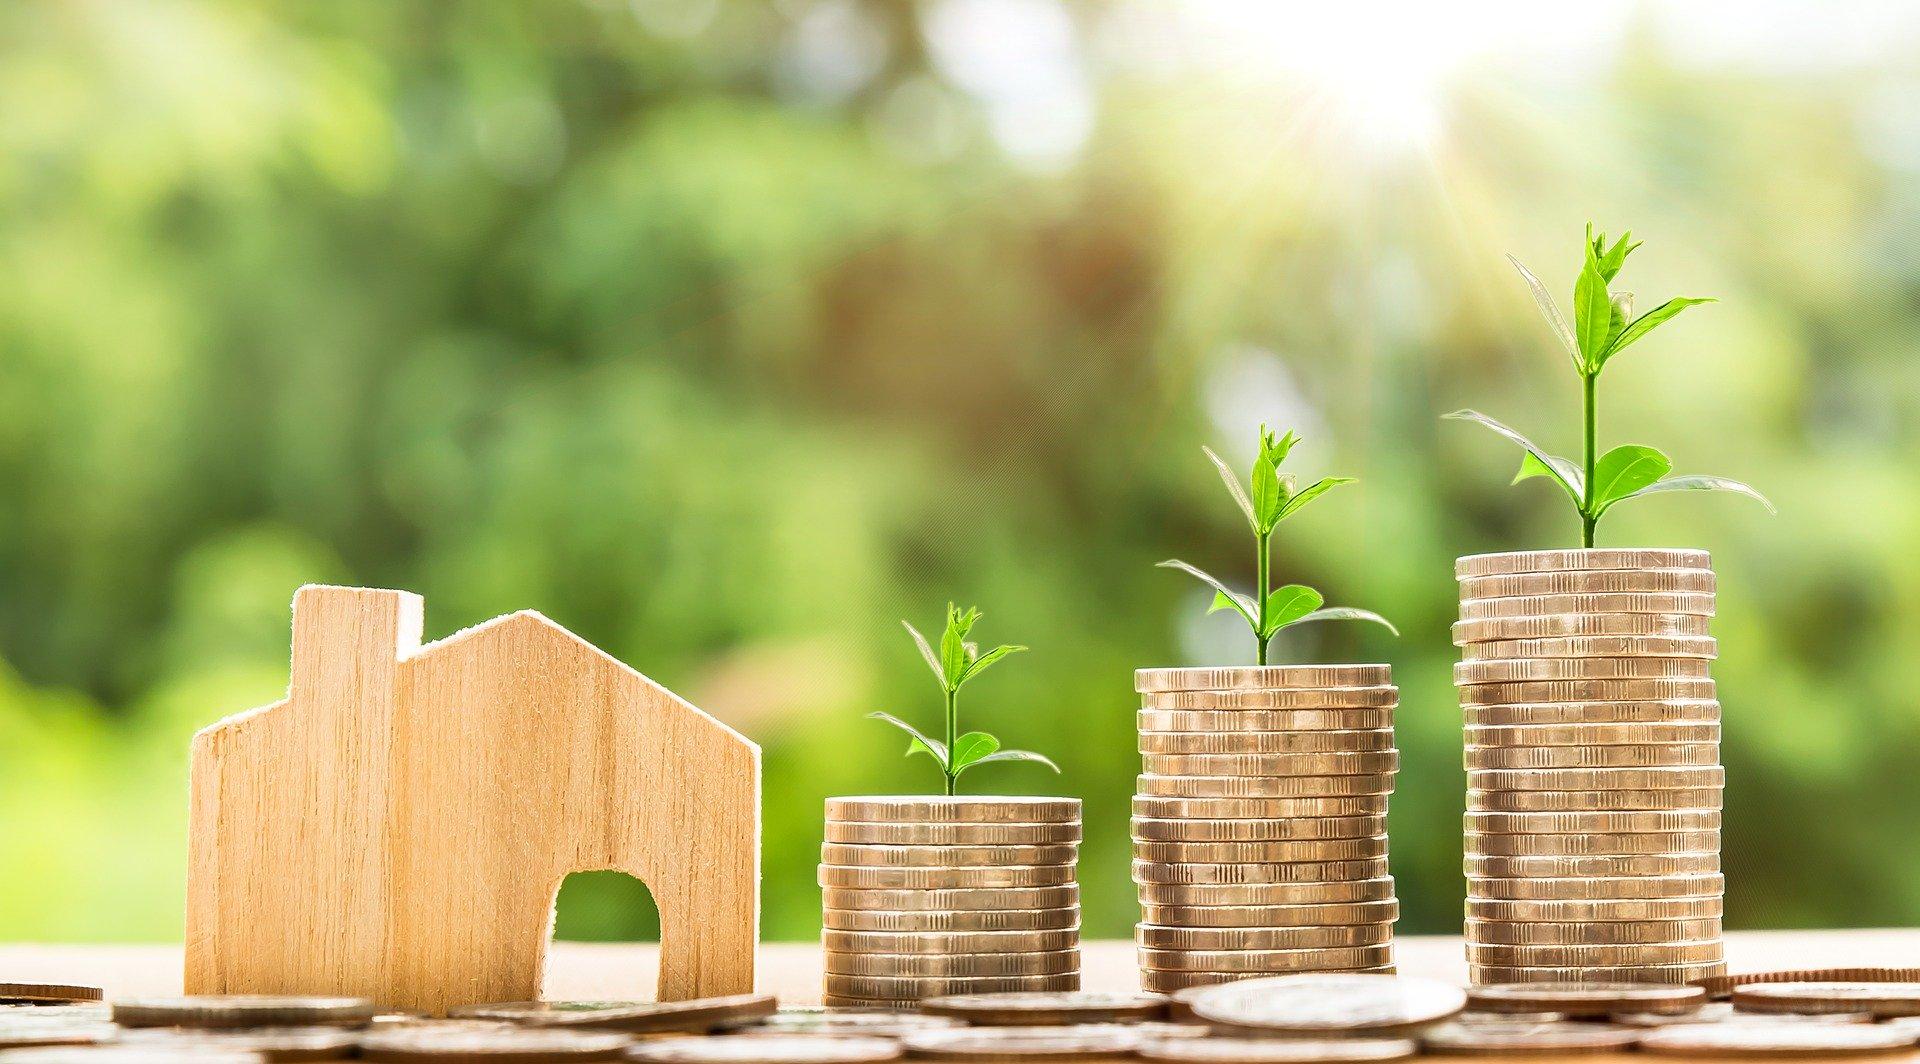 Tjen penge på at finde byggematerialer online